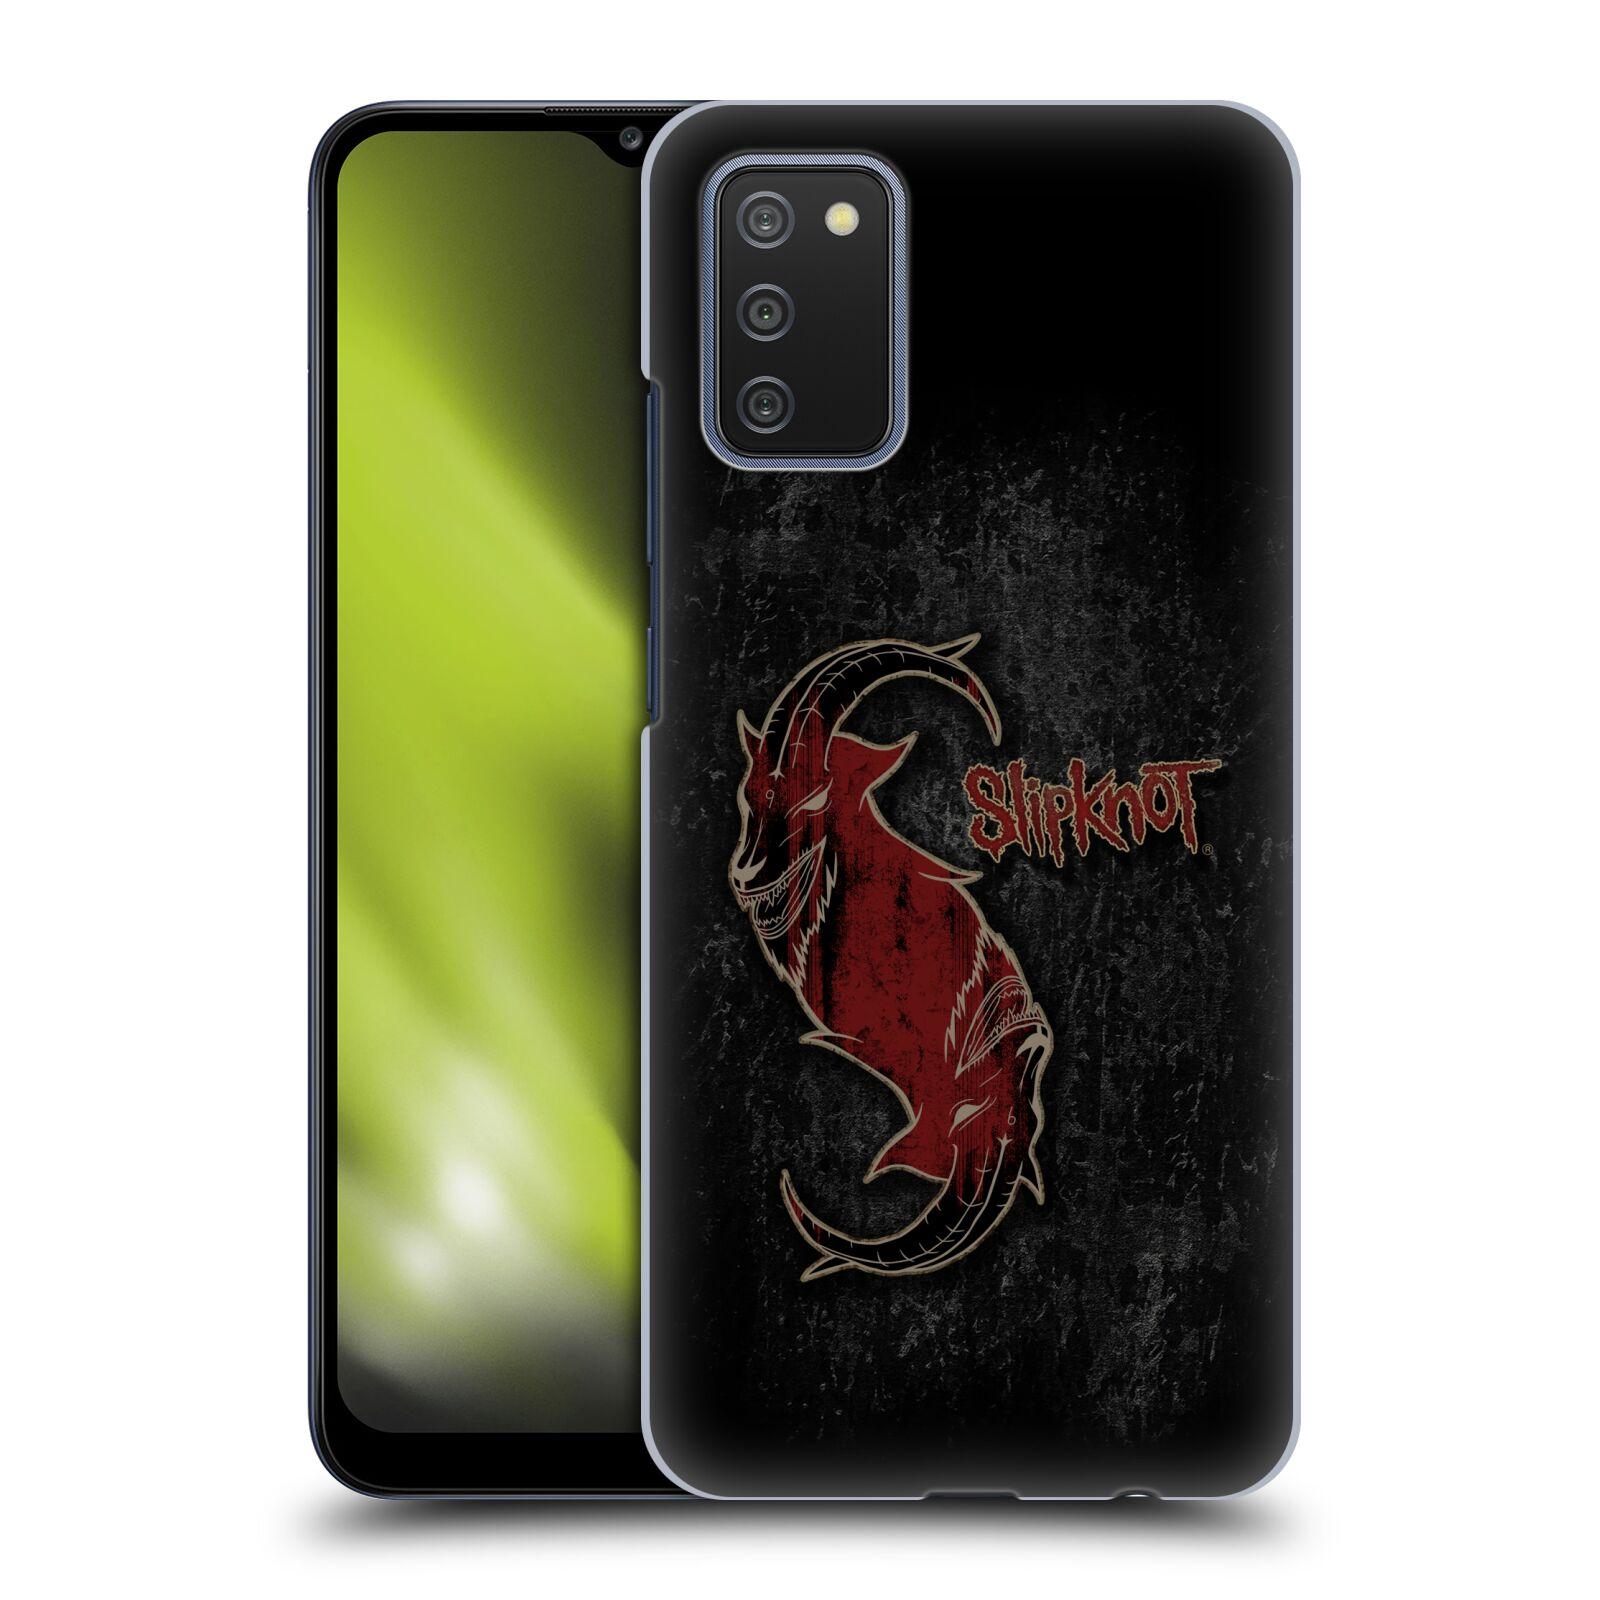 Plastové pouzdro na mobil Samsung Galaxy A02s - Head Case - Slipknot - Rudý kozel